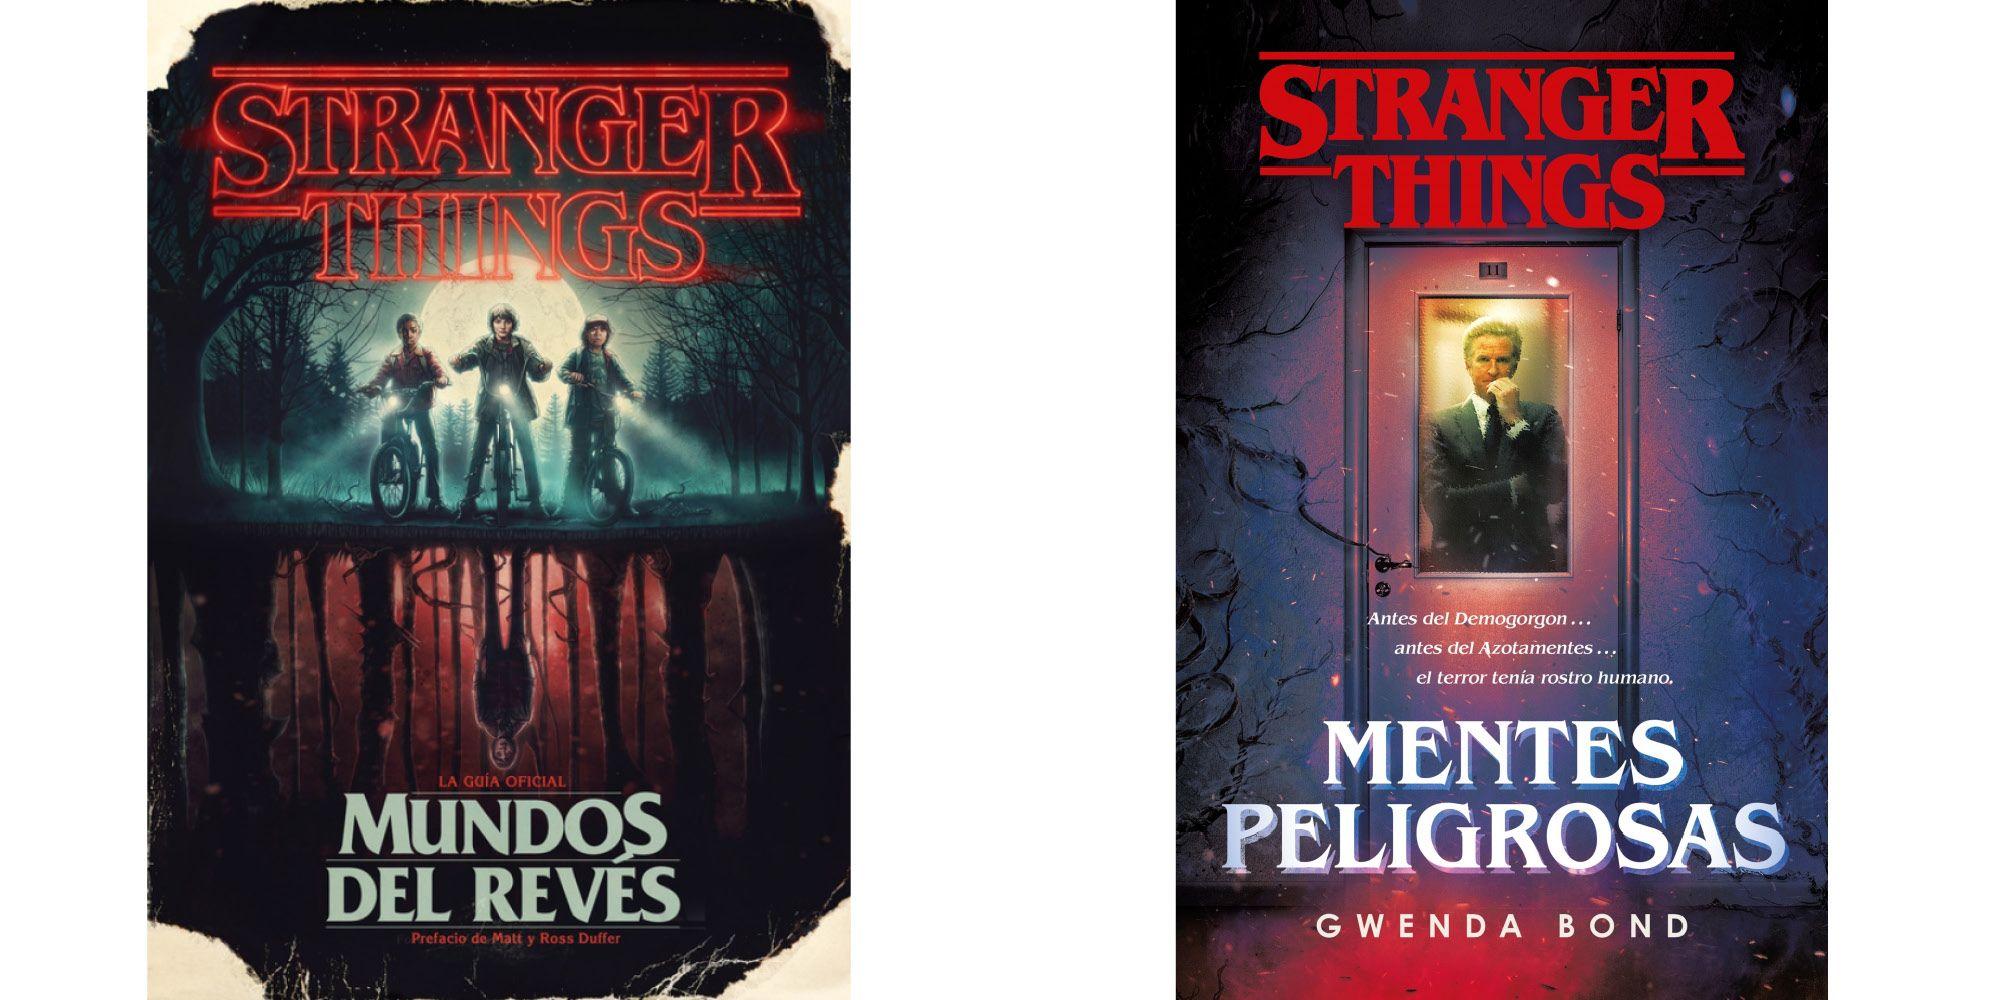 'Stranger Things': los 2 libros que todo fan de la serie debería leer